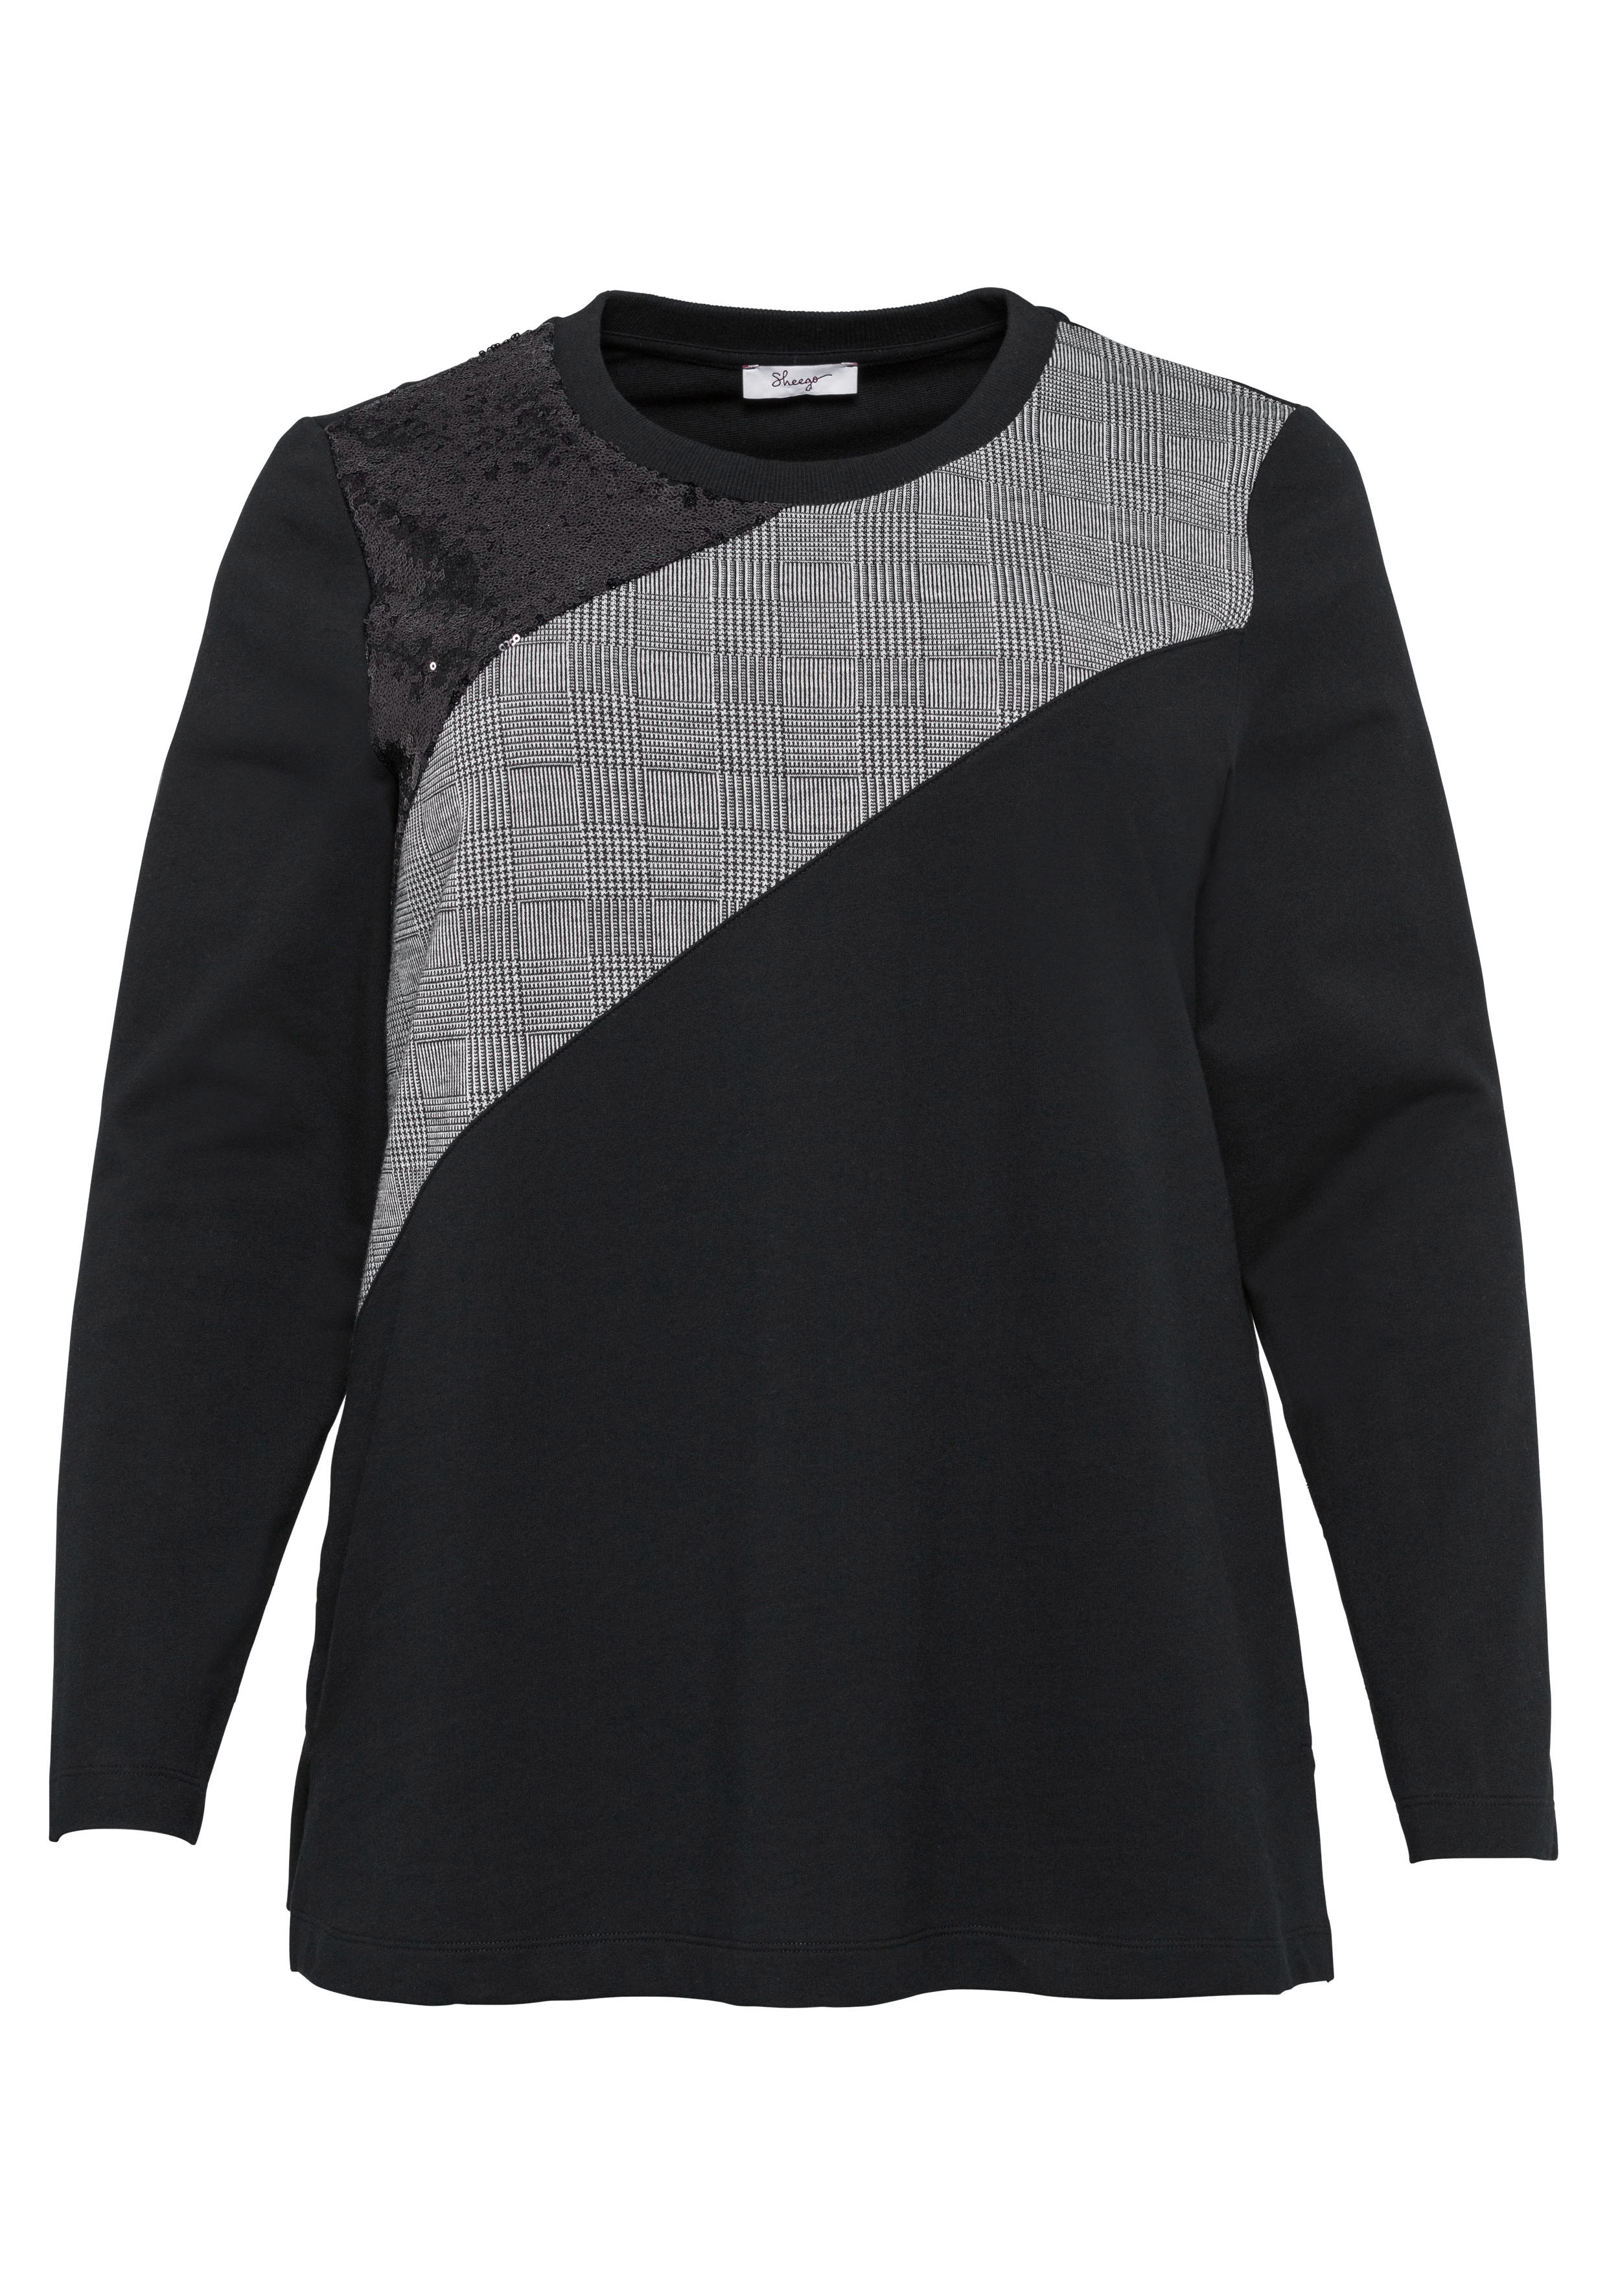 Sheego Sweatshirt | Bekleidung > Sweatshirts & -jacken > Sweatshirts | Sheego